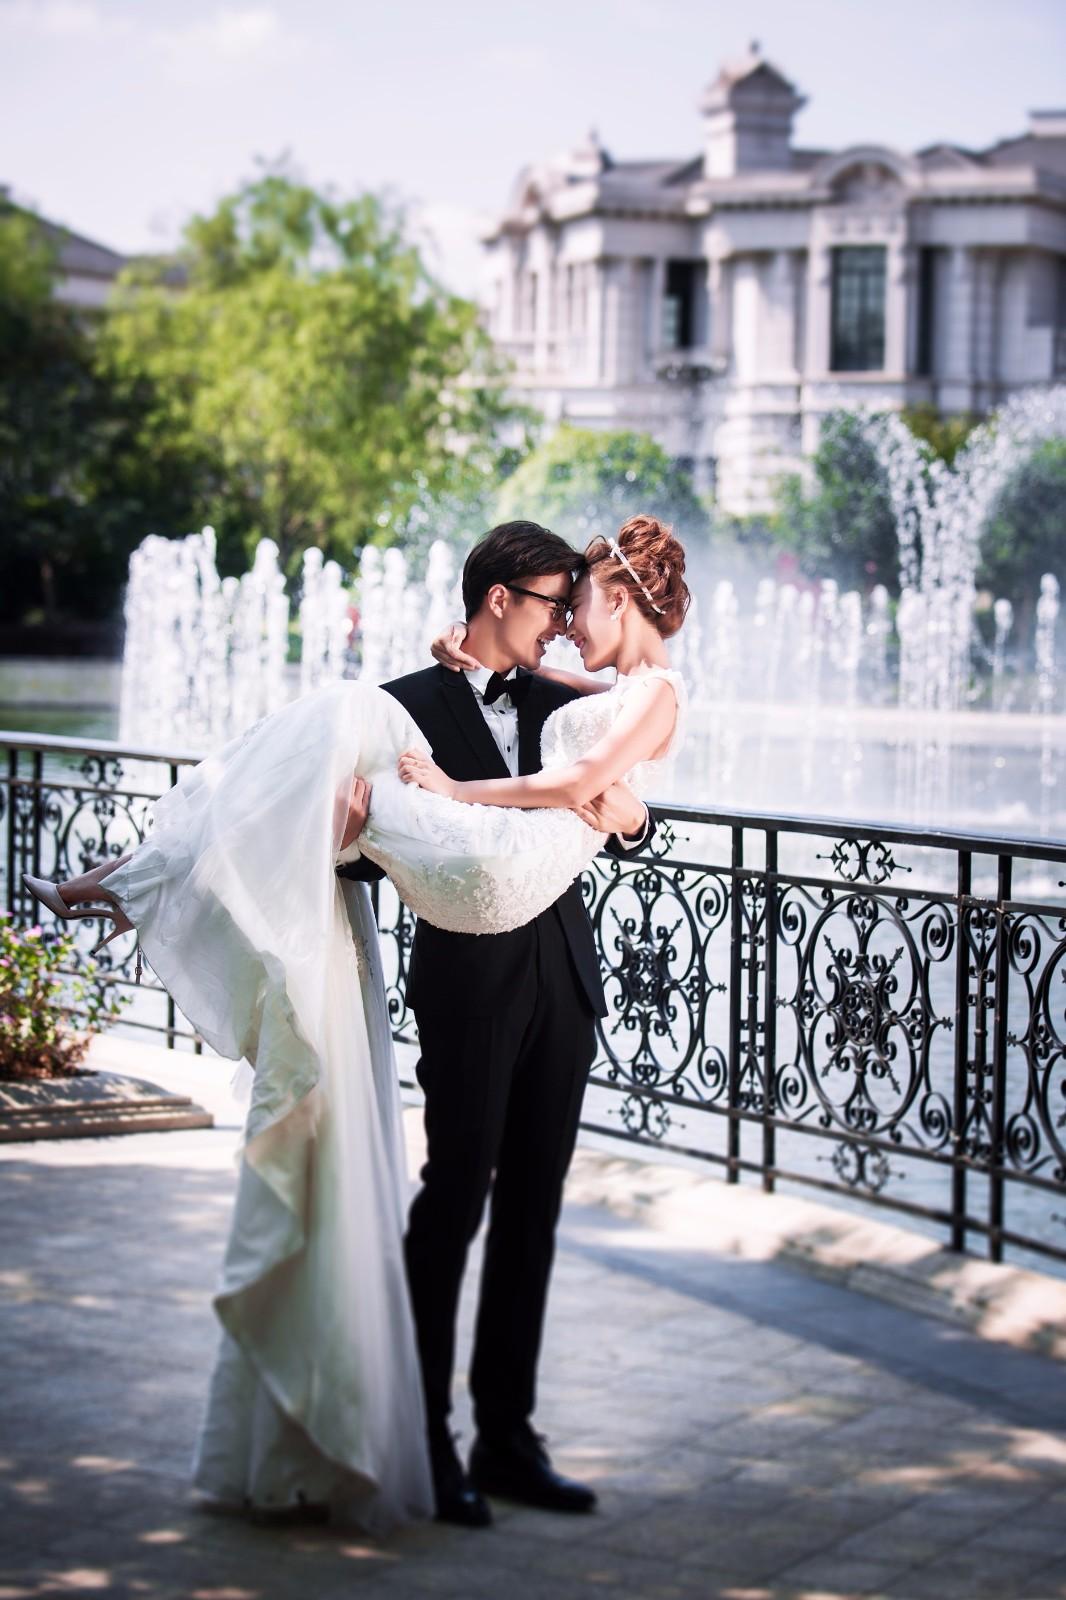 结婚证照片要求,你都知道那些呢?